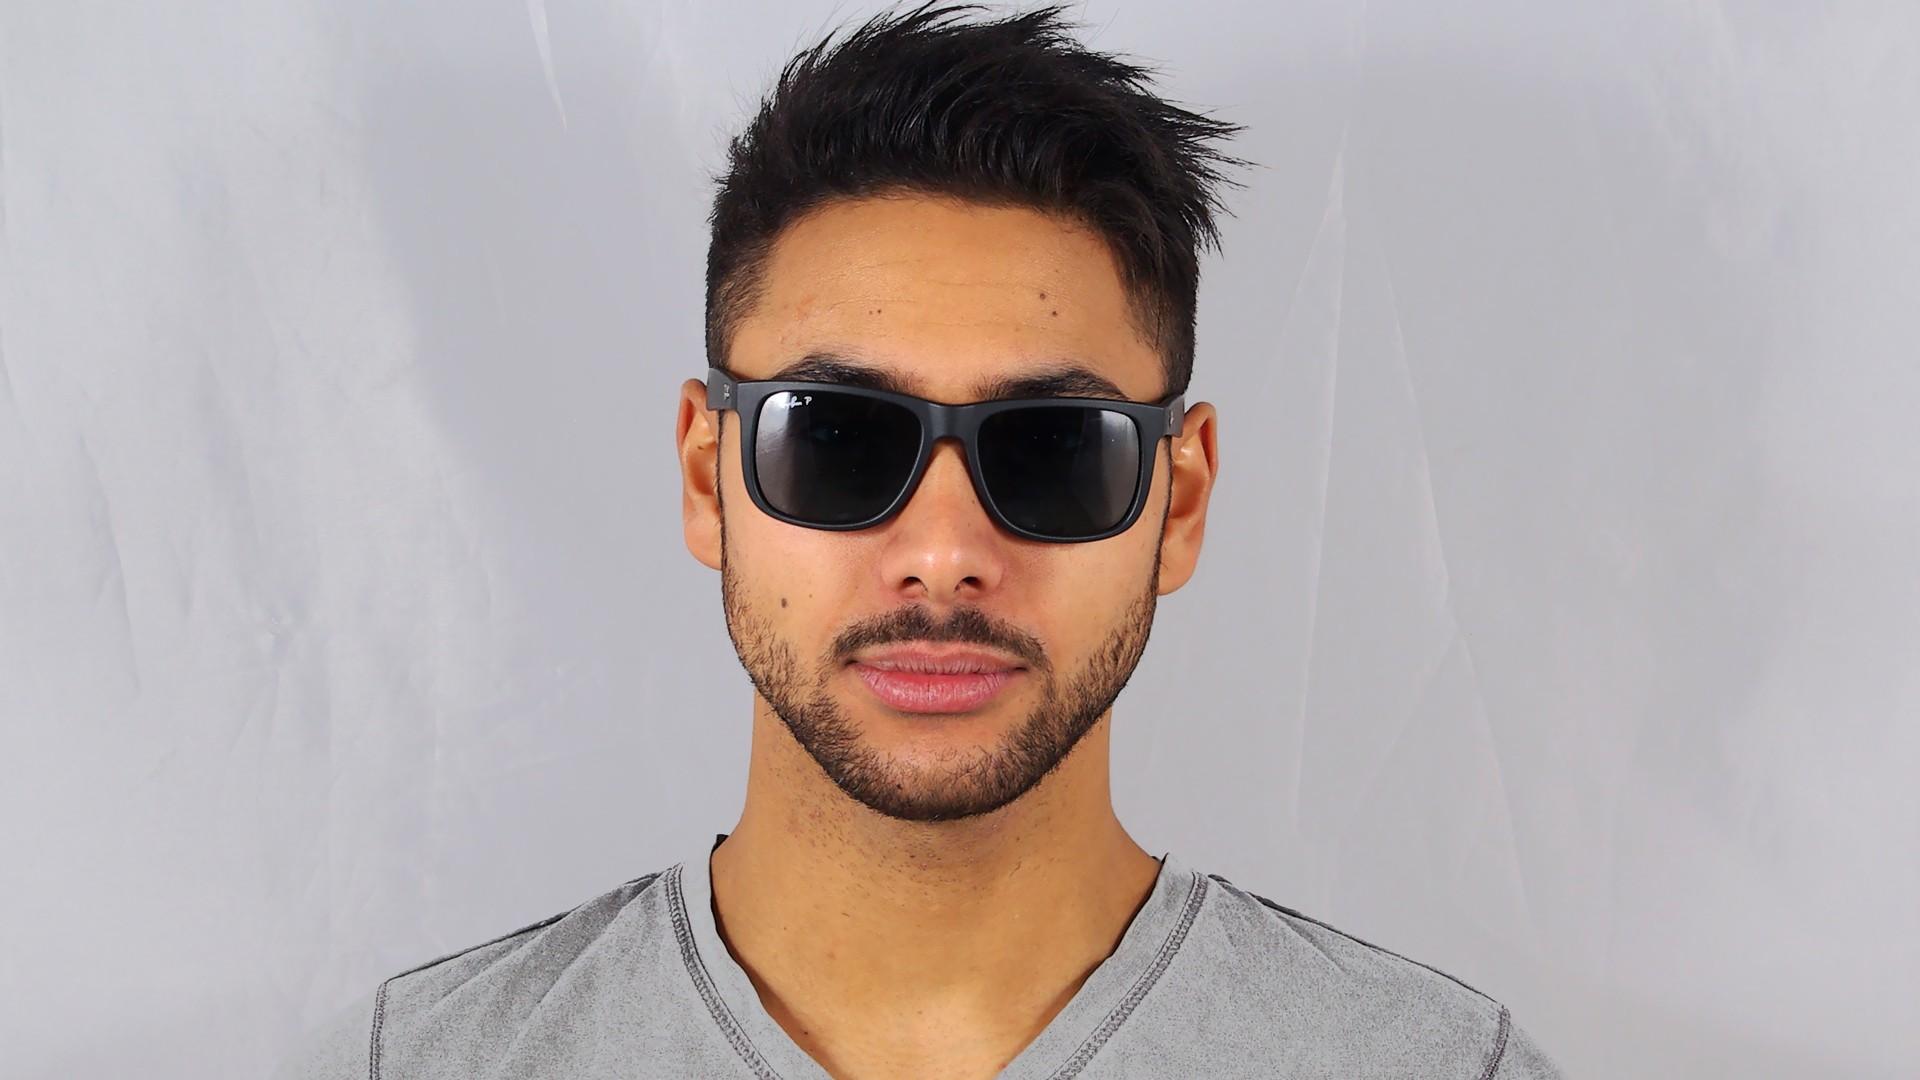 1411100b95c12 Sunglasses Ray-Ban Justin Black RB4165 622 2V 54-16 Medium Polarized